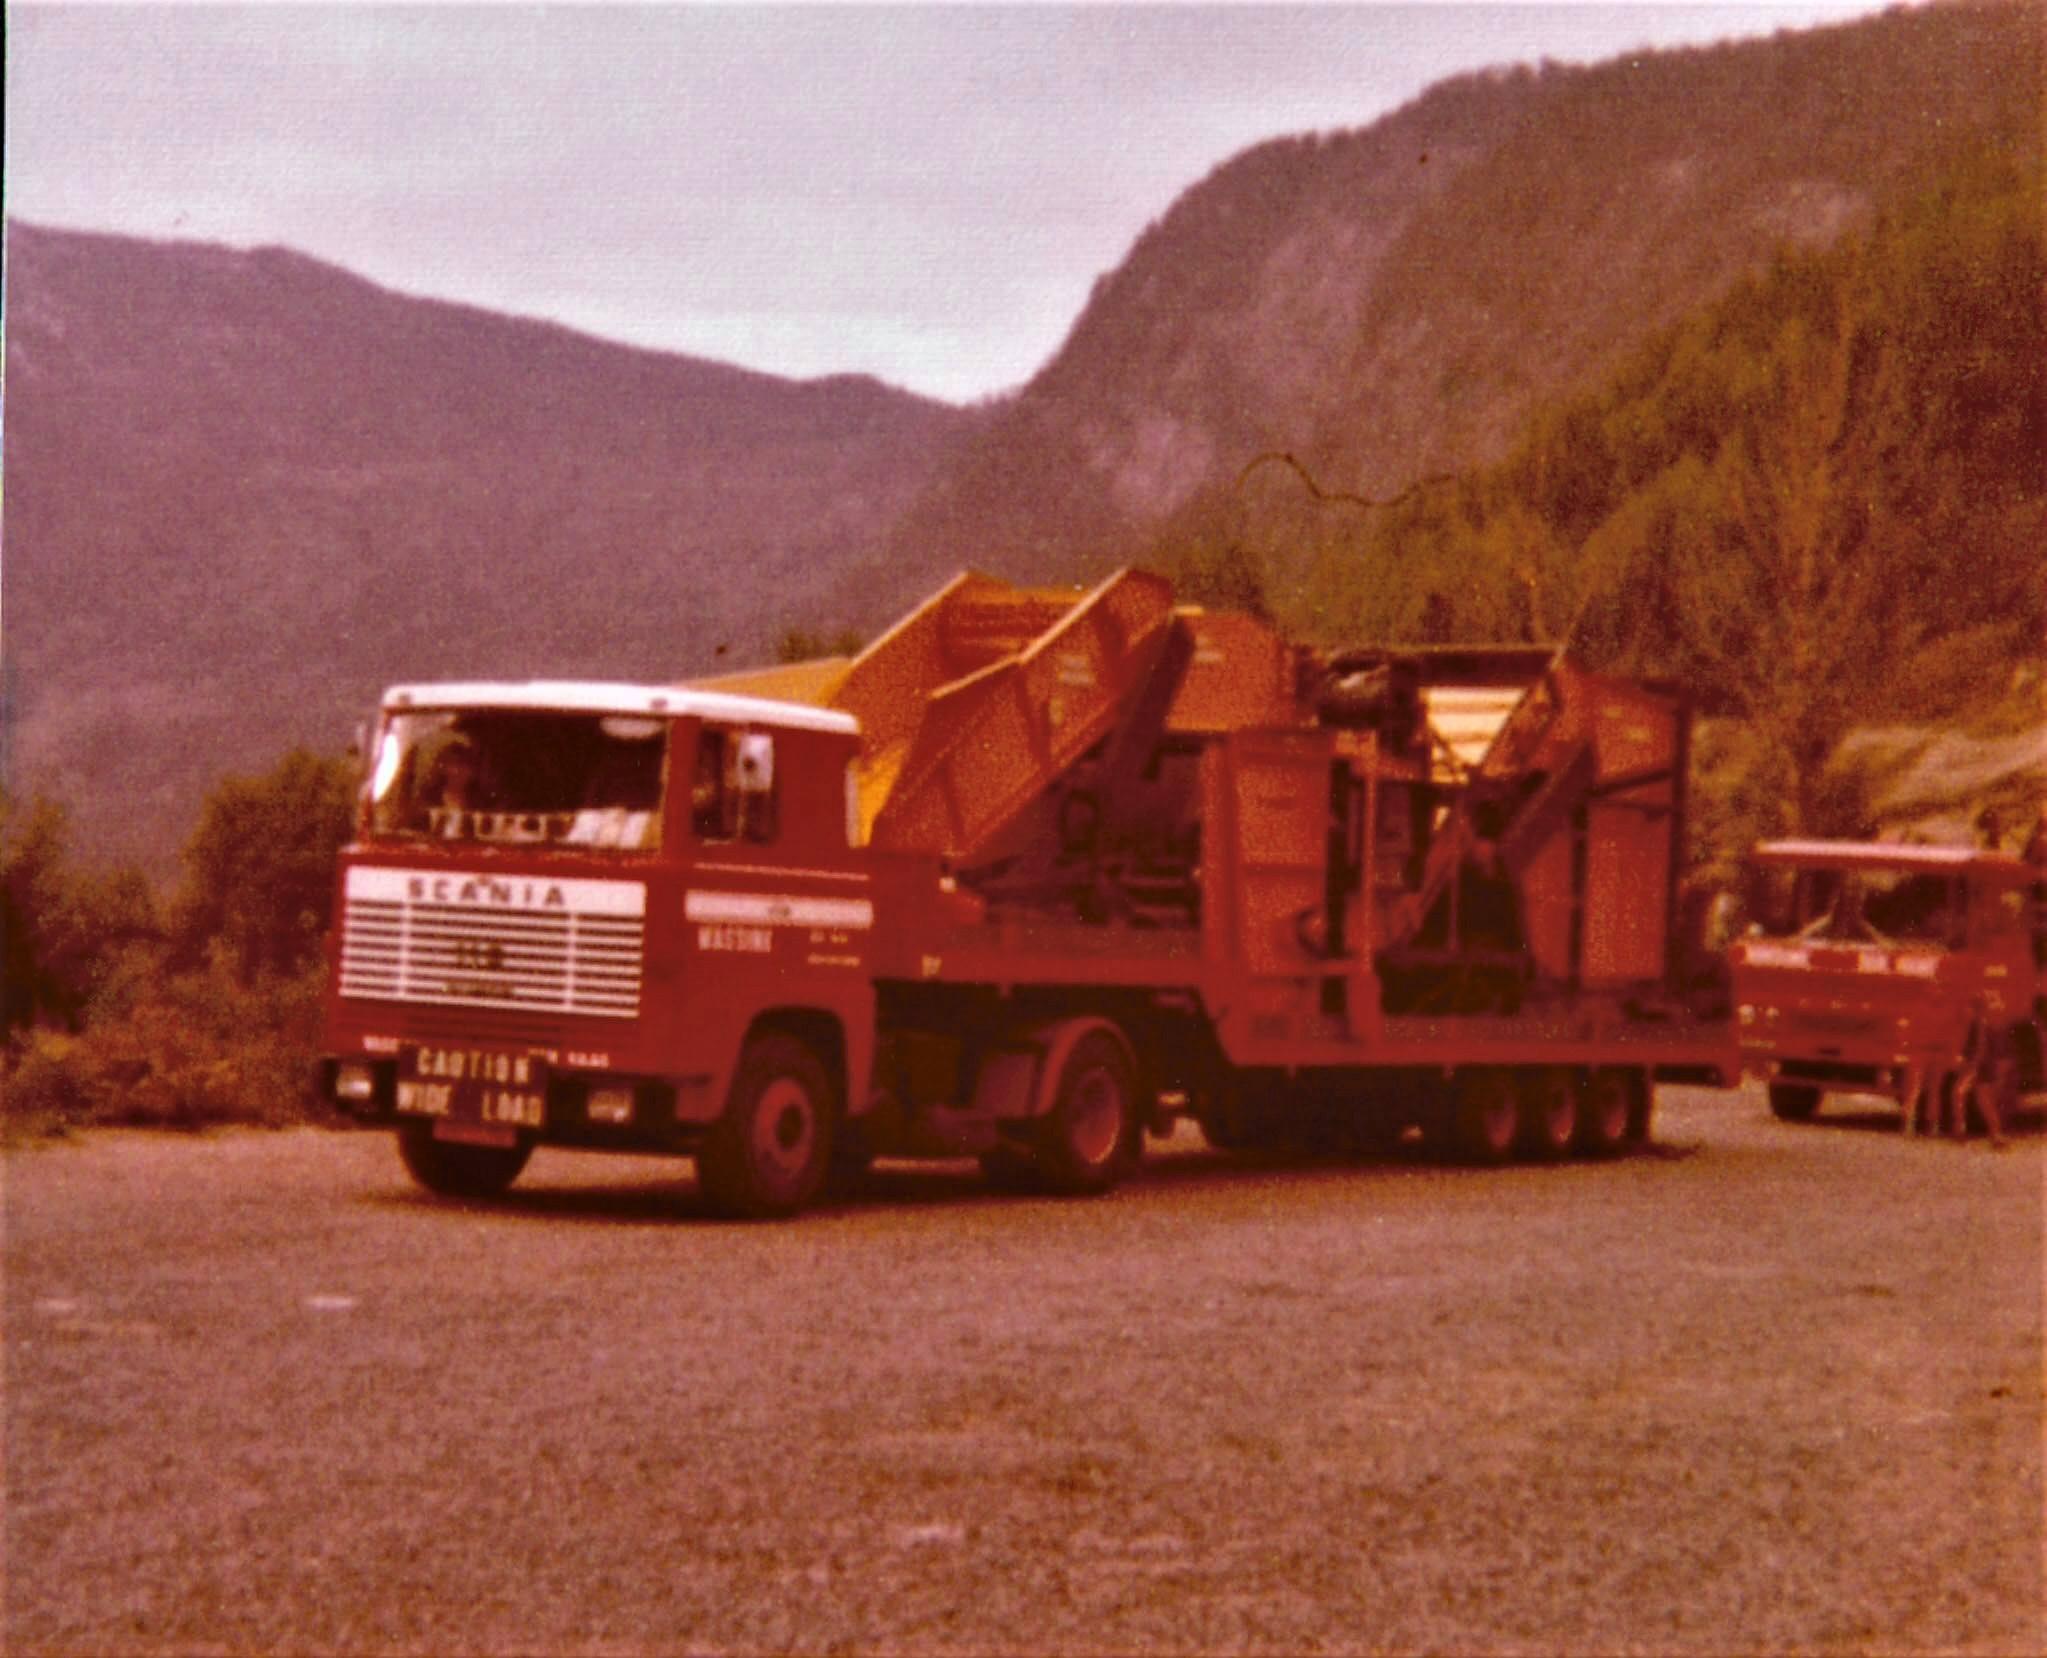 Mushroom-machine-naar-Noorwegen-in-1978--Kwamen-hier-van-de-boot-in-Zweden-en-langs-de-weg-toen-we-niet-verder-mochten-omdat-het-week-end-was-2